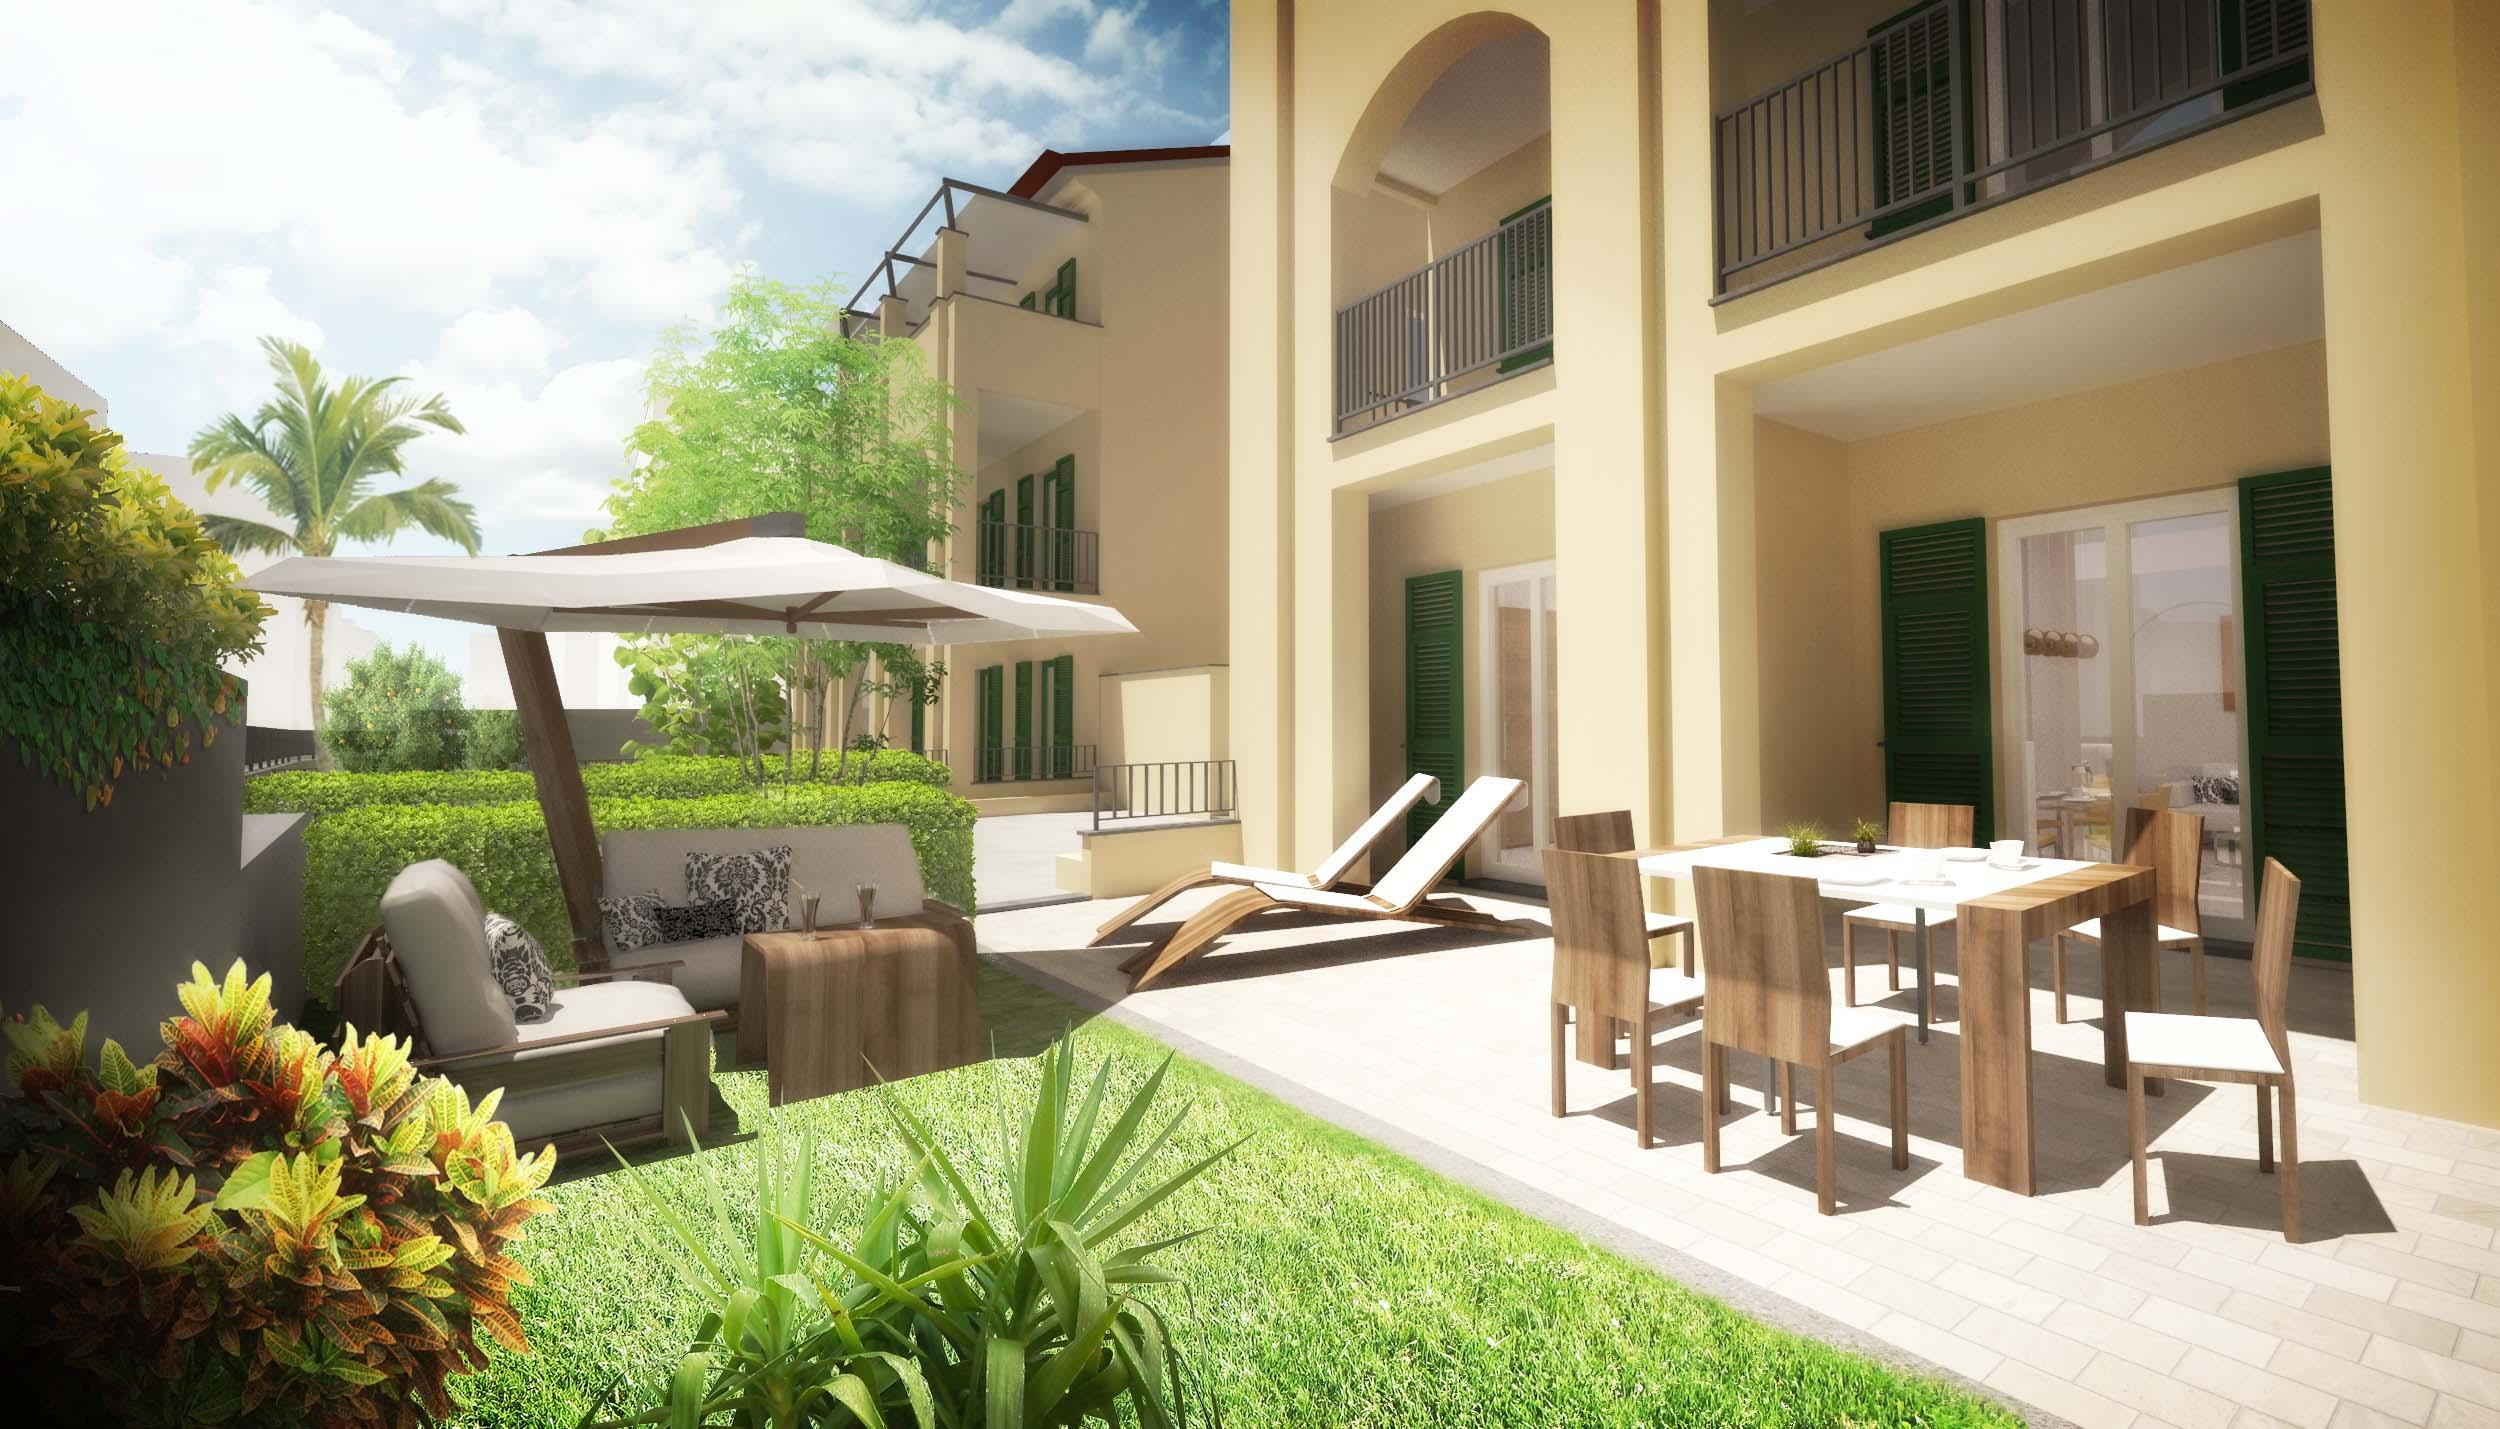 Nuovi appartamenti vicino al mare in vendita a pietra ligure for Appartamenti barcellona vicino al mare